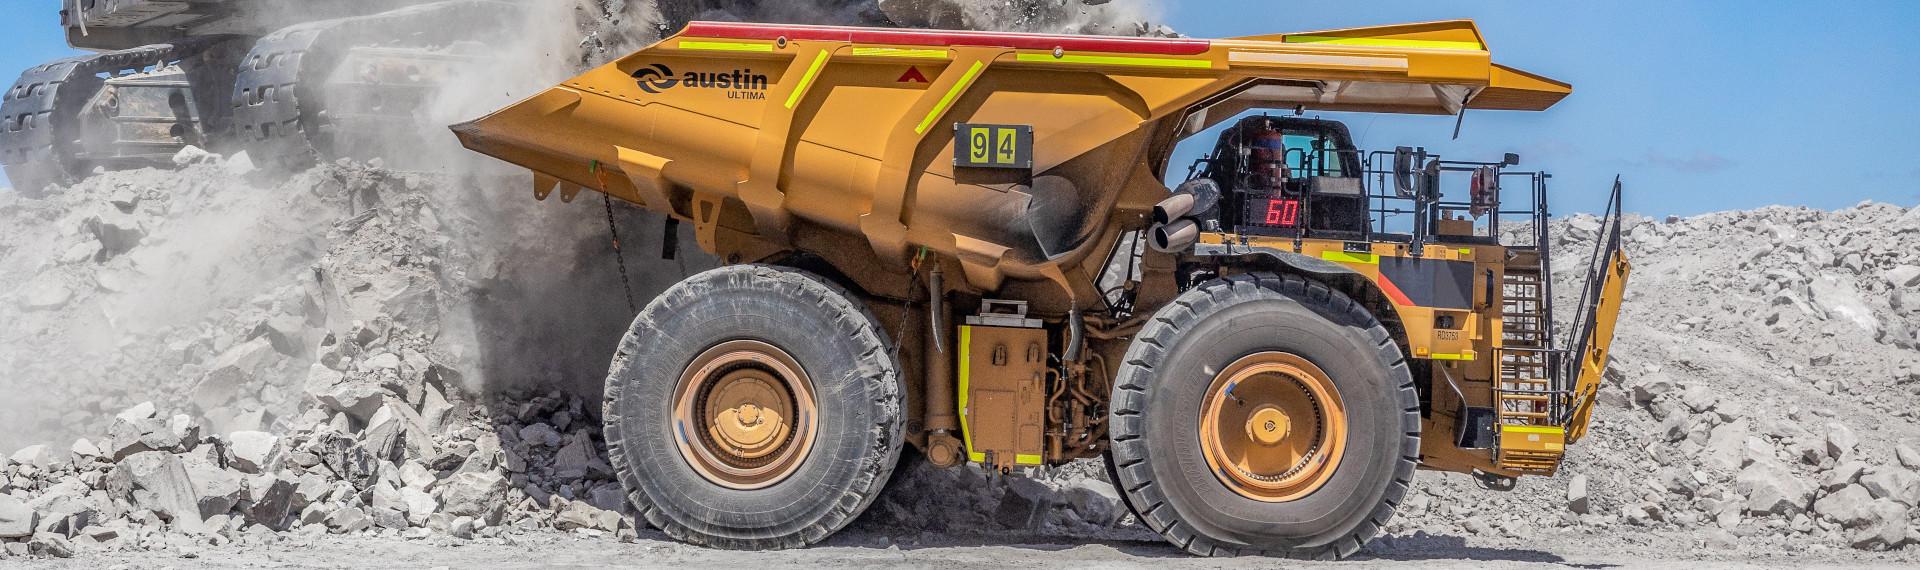 Austin'in süper ebatlardaki maden kamyonu Hardox® 500 Tuf sayesinde %25 daha hafif